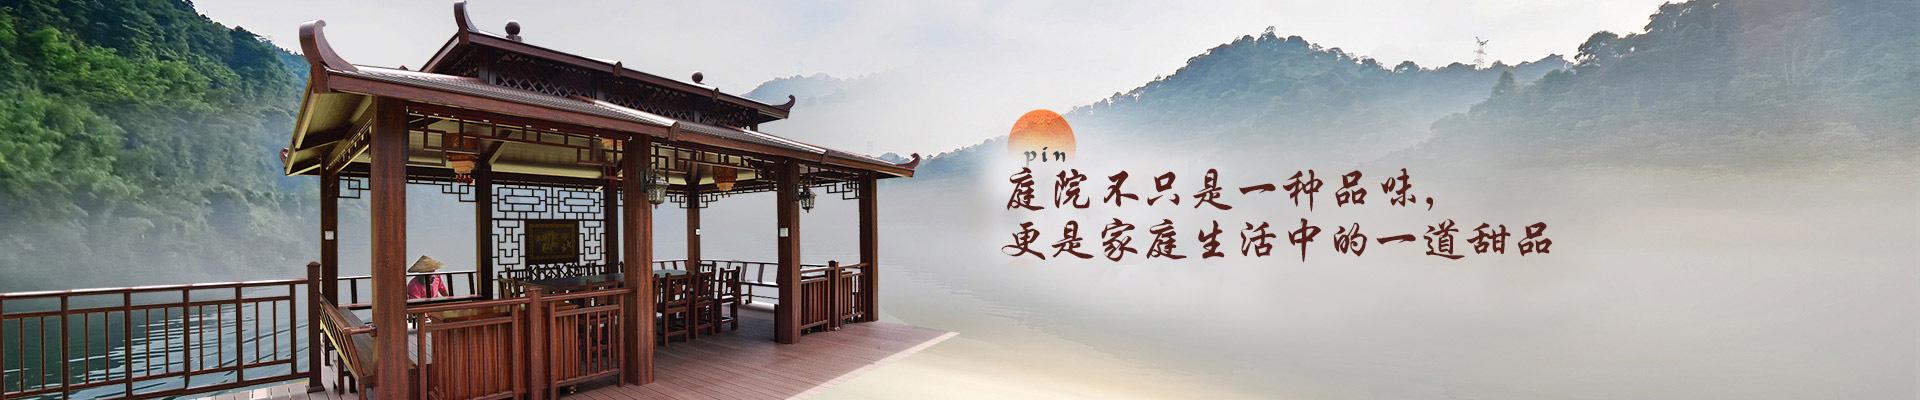 鑫泰阳-每一座凉亭的建造   都是中华匠心的传承